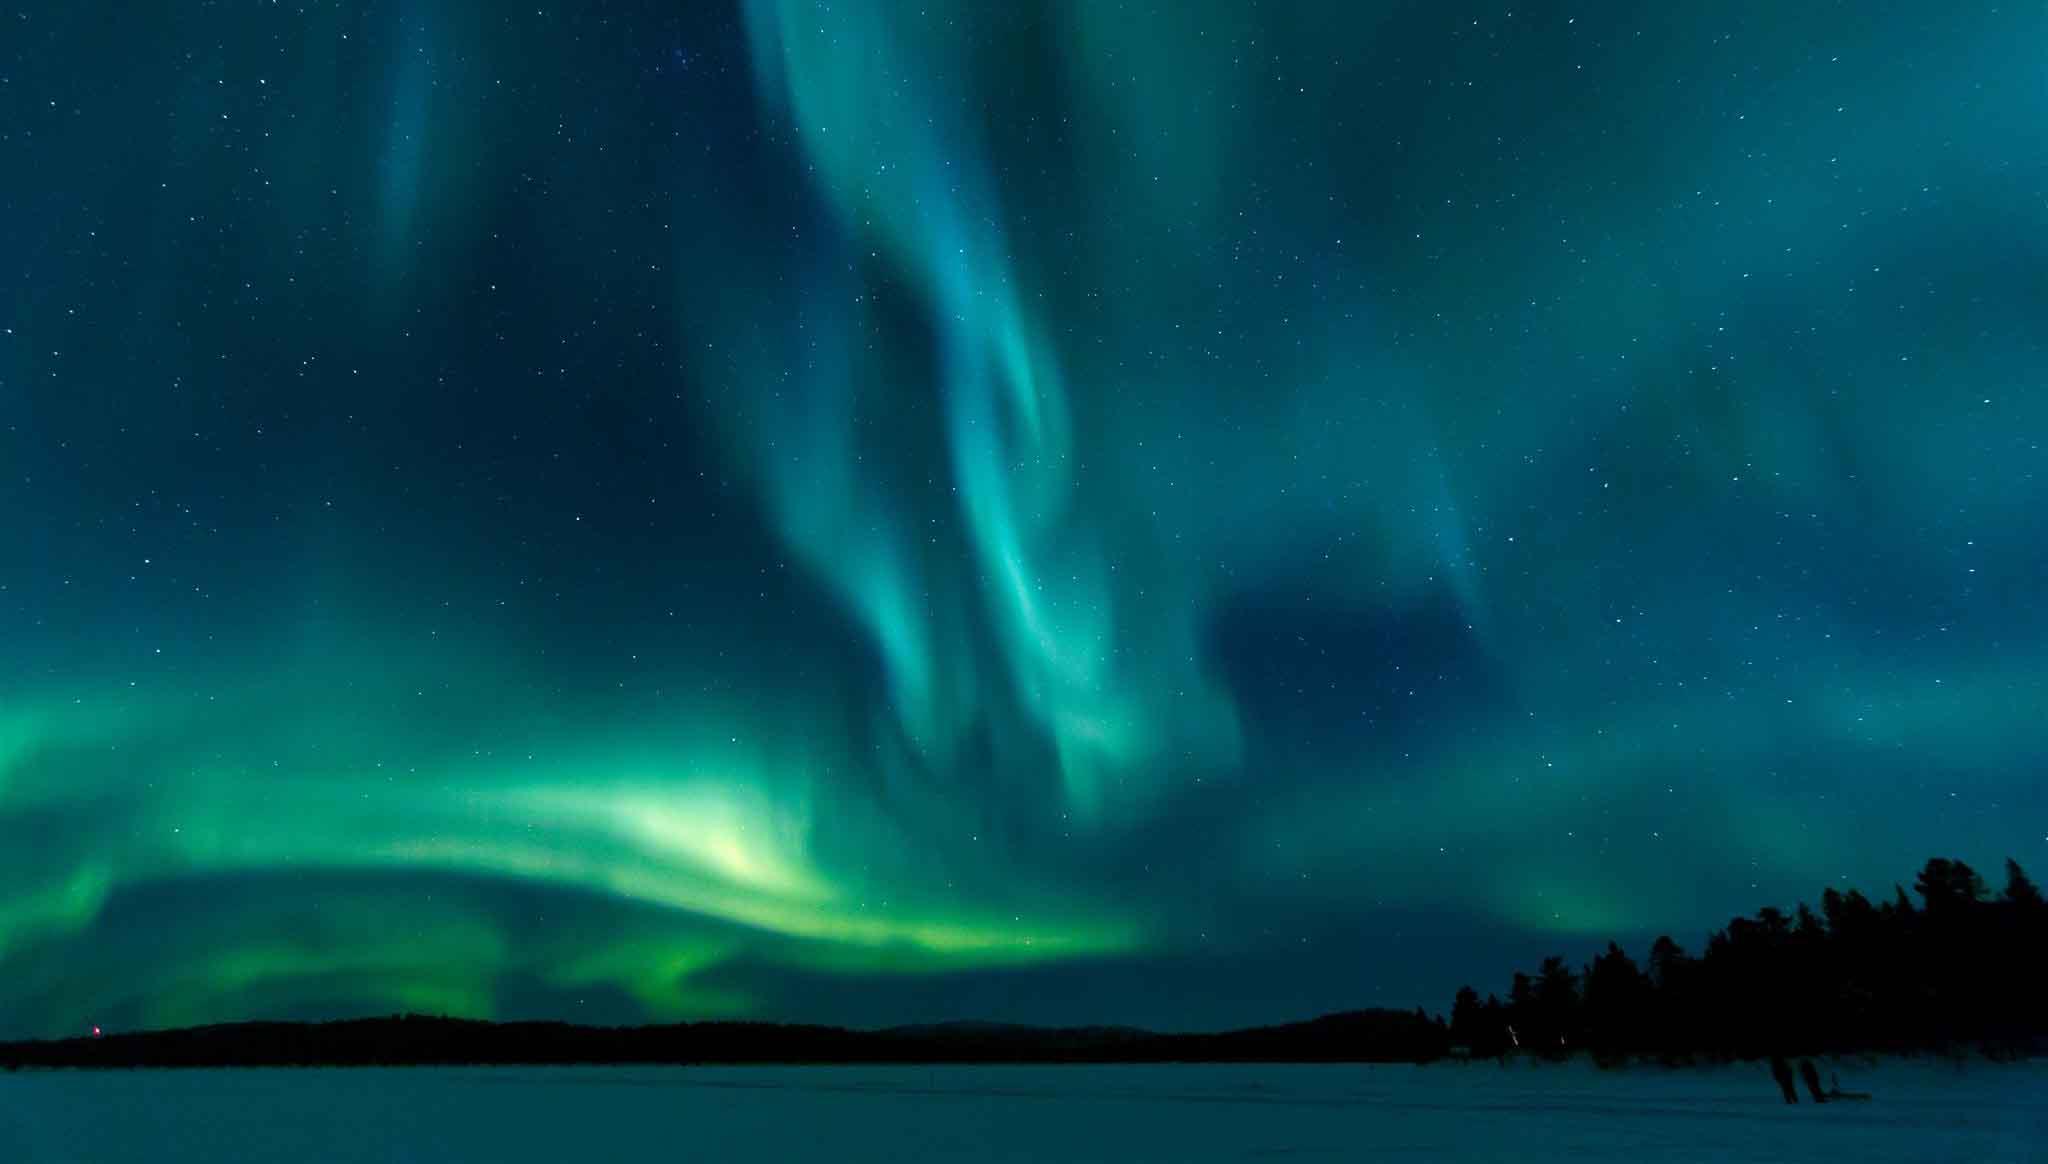 Natale a rovaniemi e natale in lapponia a casa di babbo natale for Sfondi aurora boreale